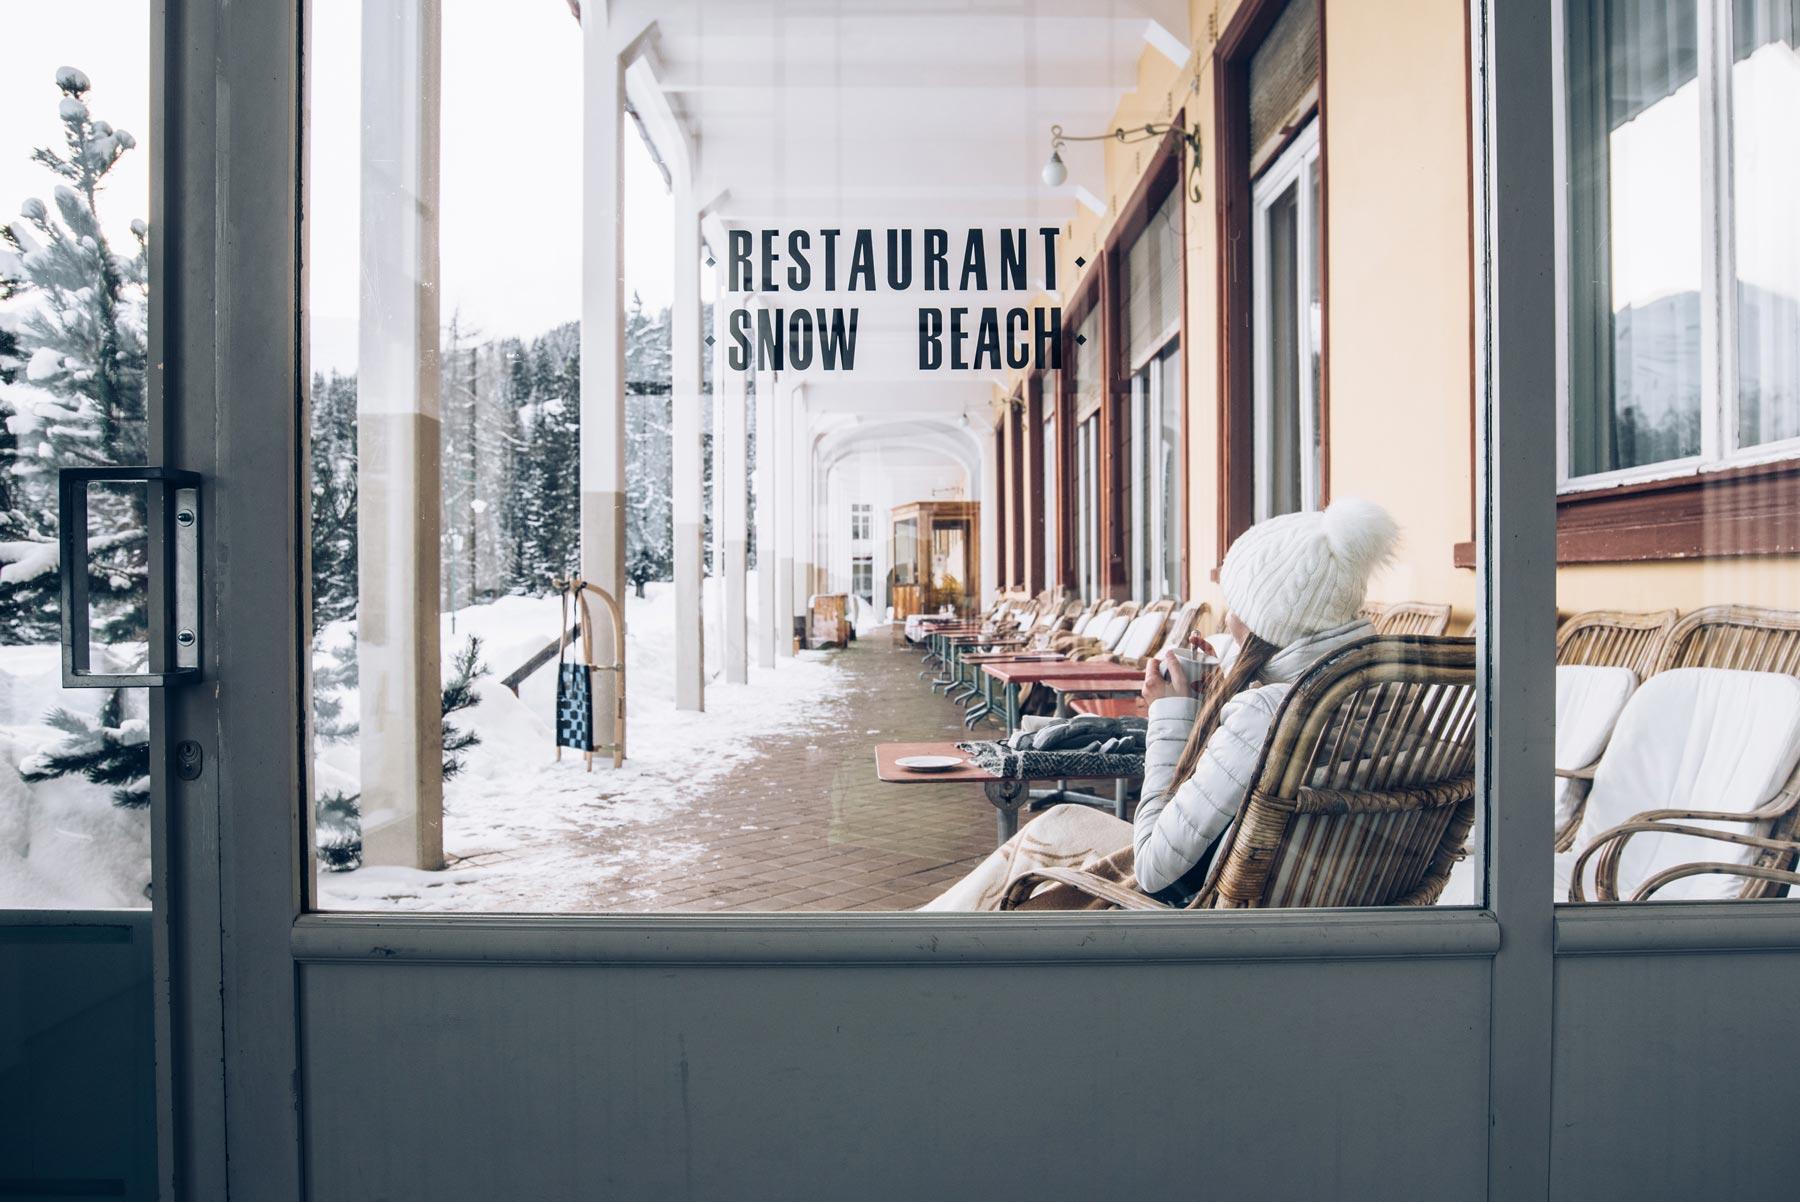 Snow Beach, Davos